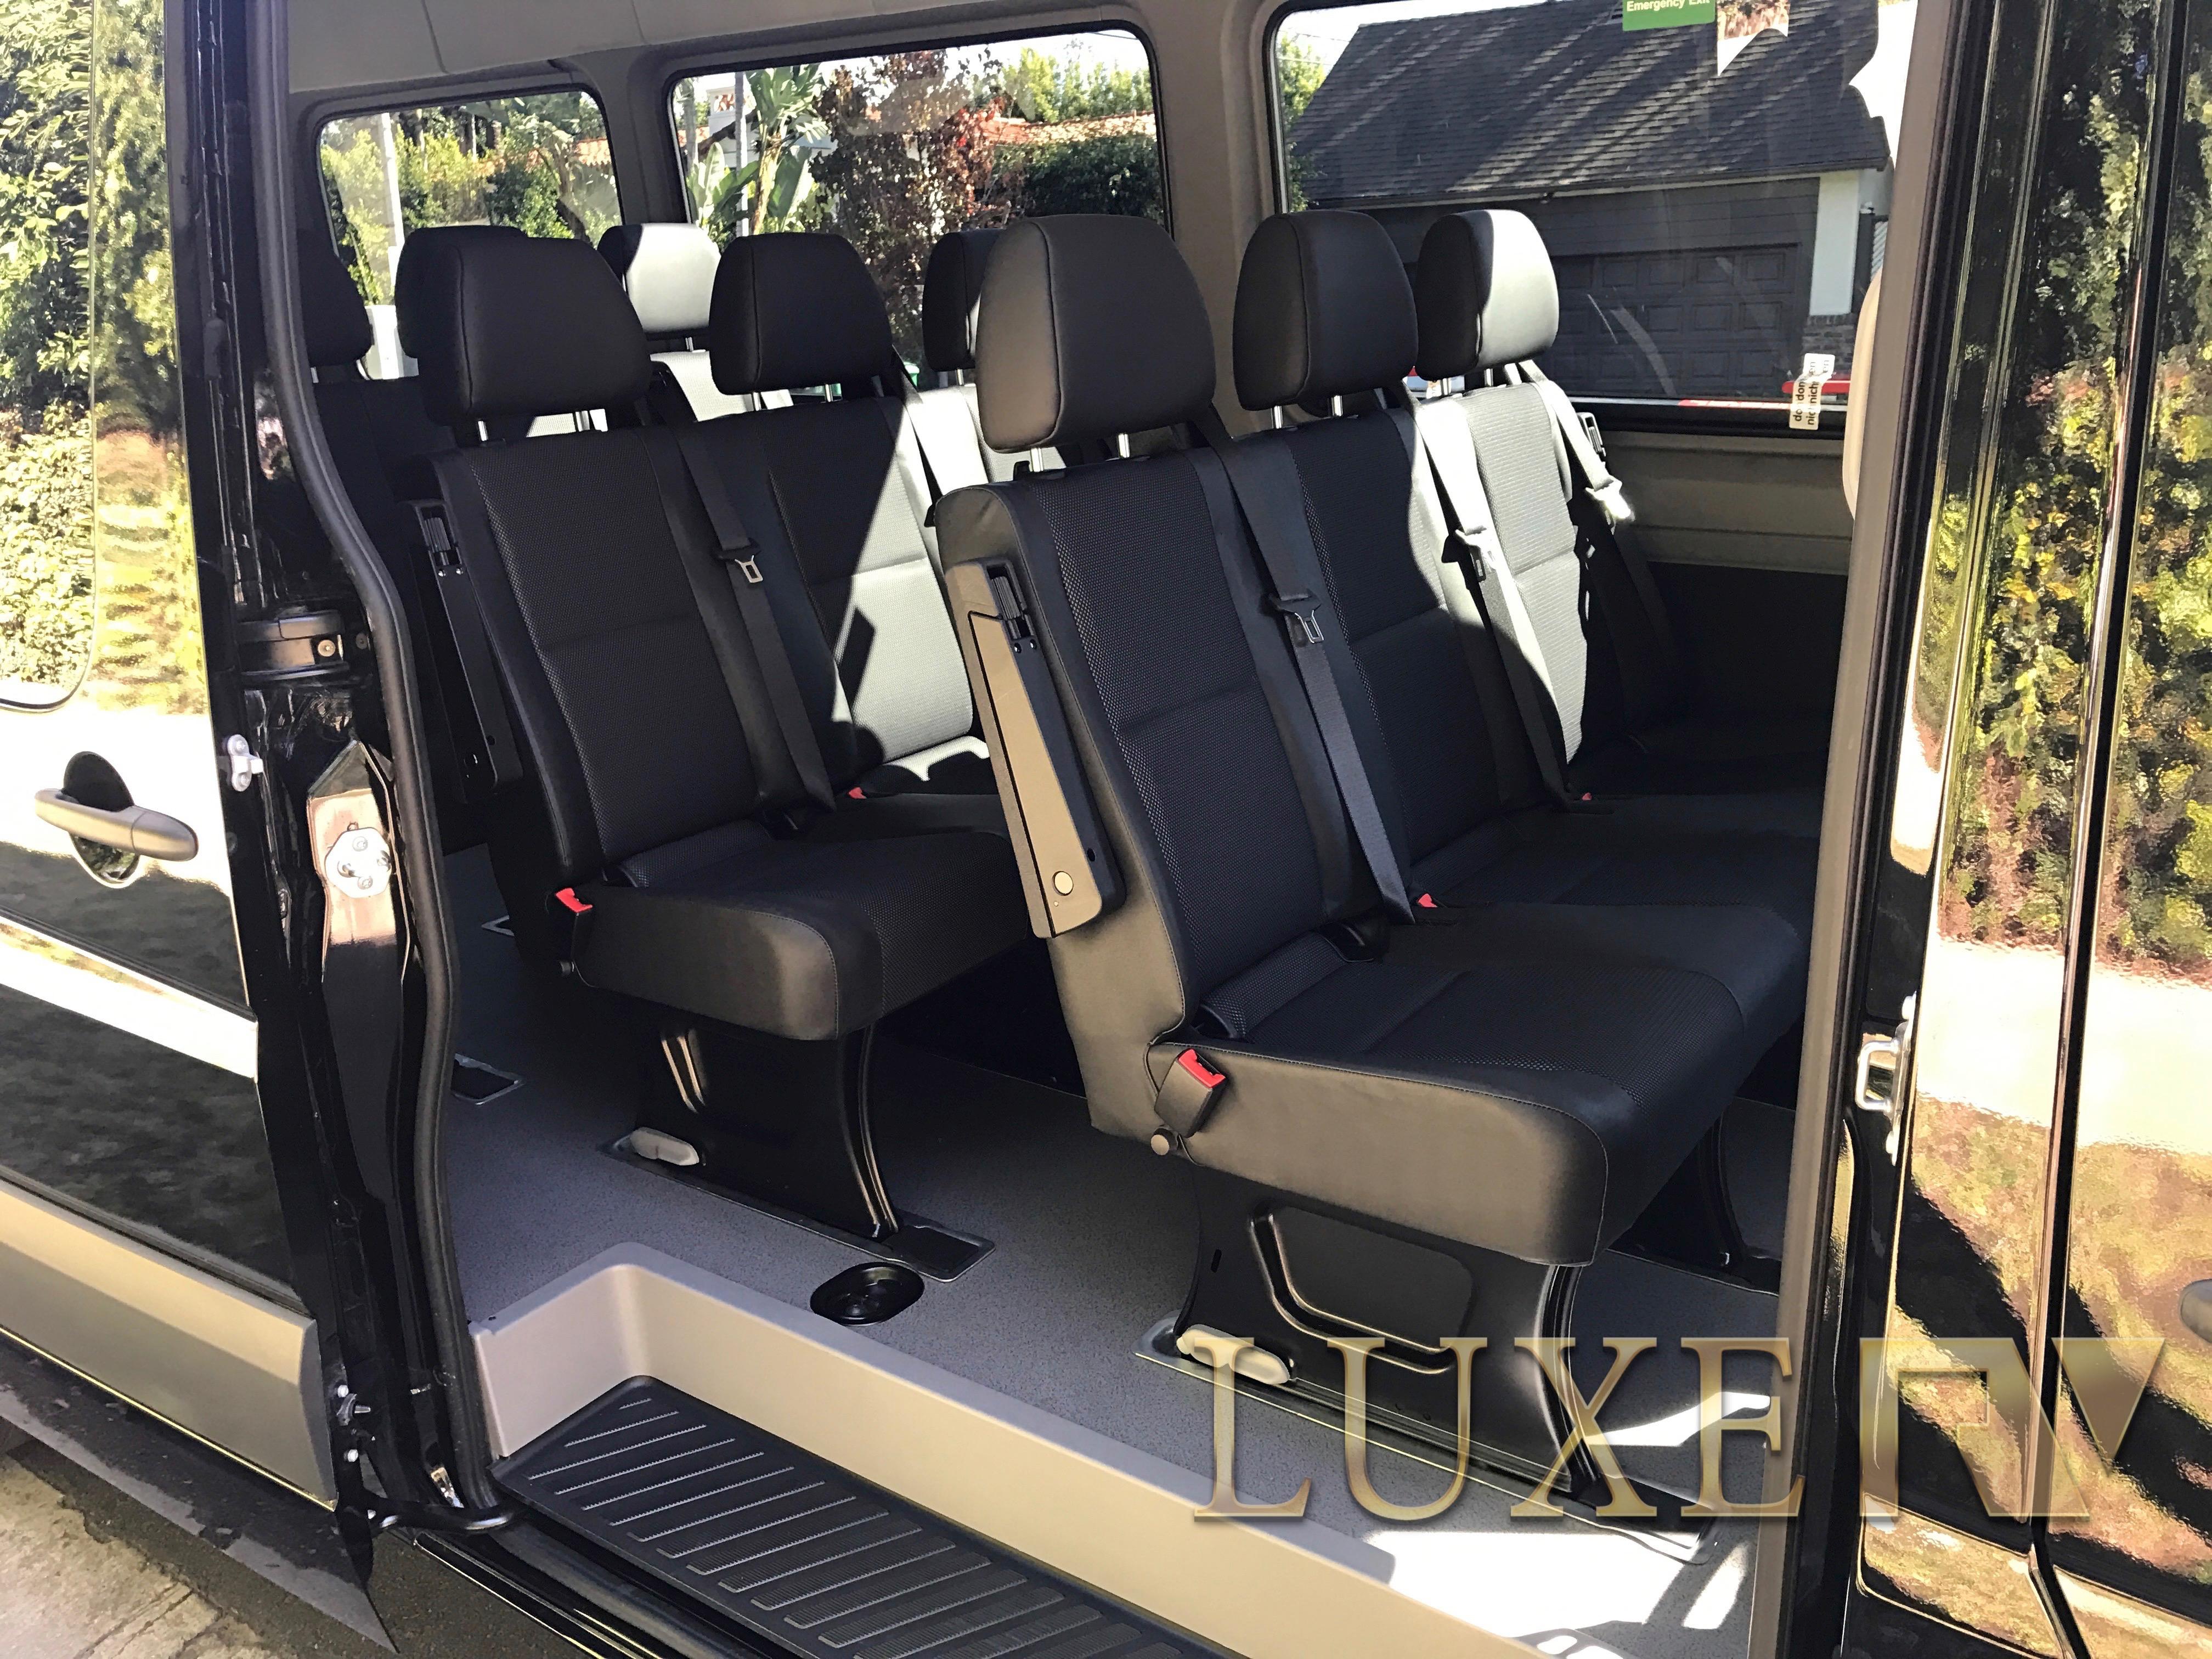 12 Passenger Van for Rent